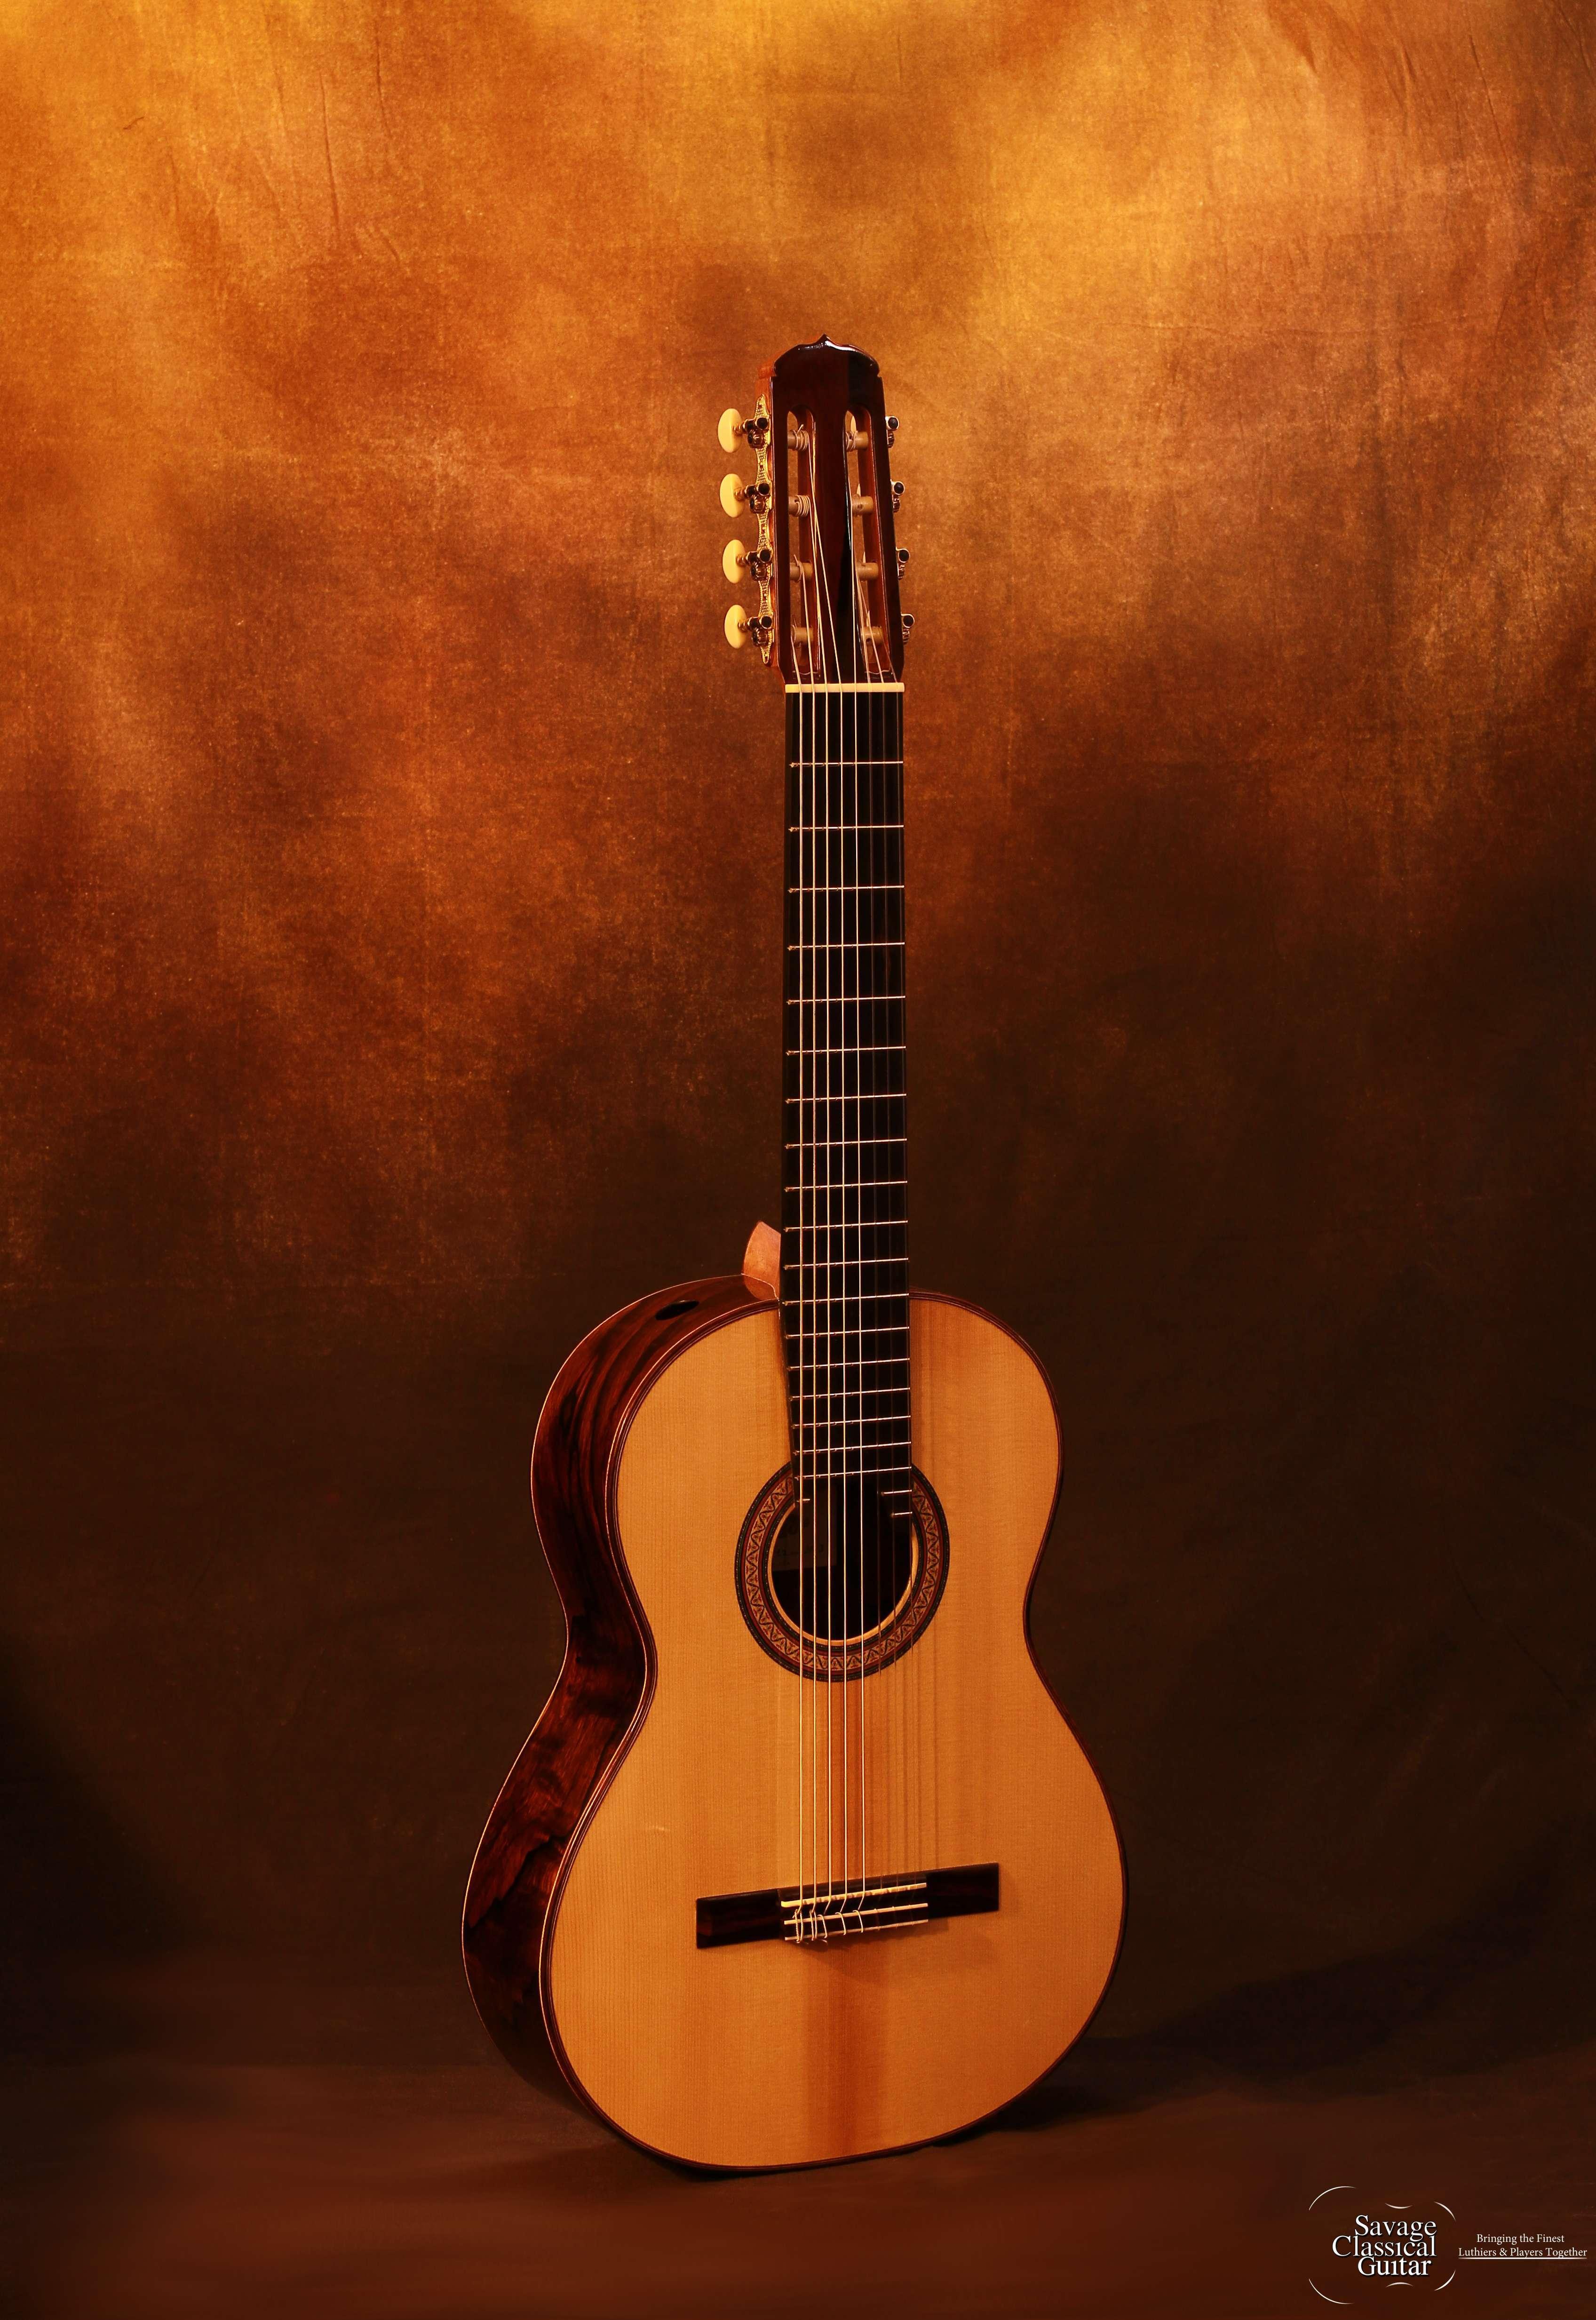 darren hippner 749 8 string savage classical guitar. Black Bedroom Furniture Sets. Home Design Ideas